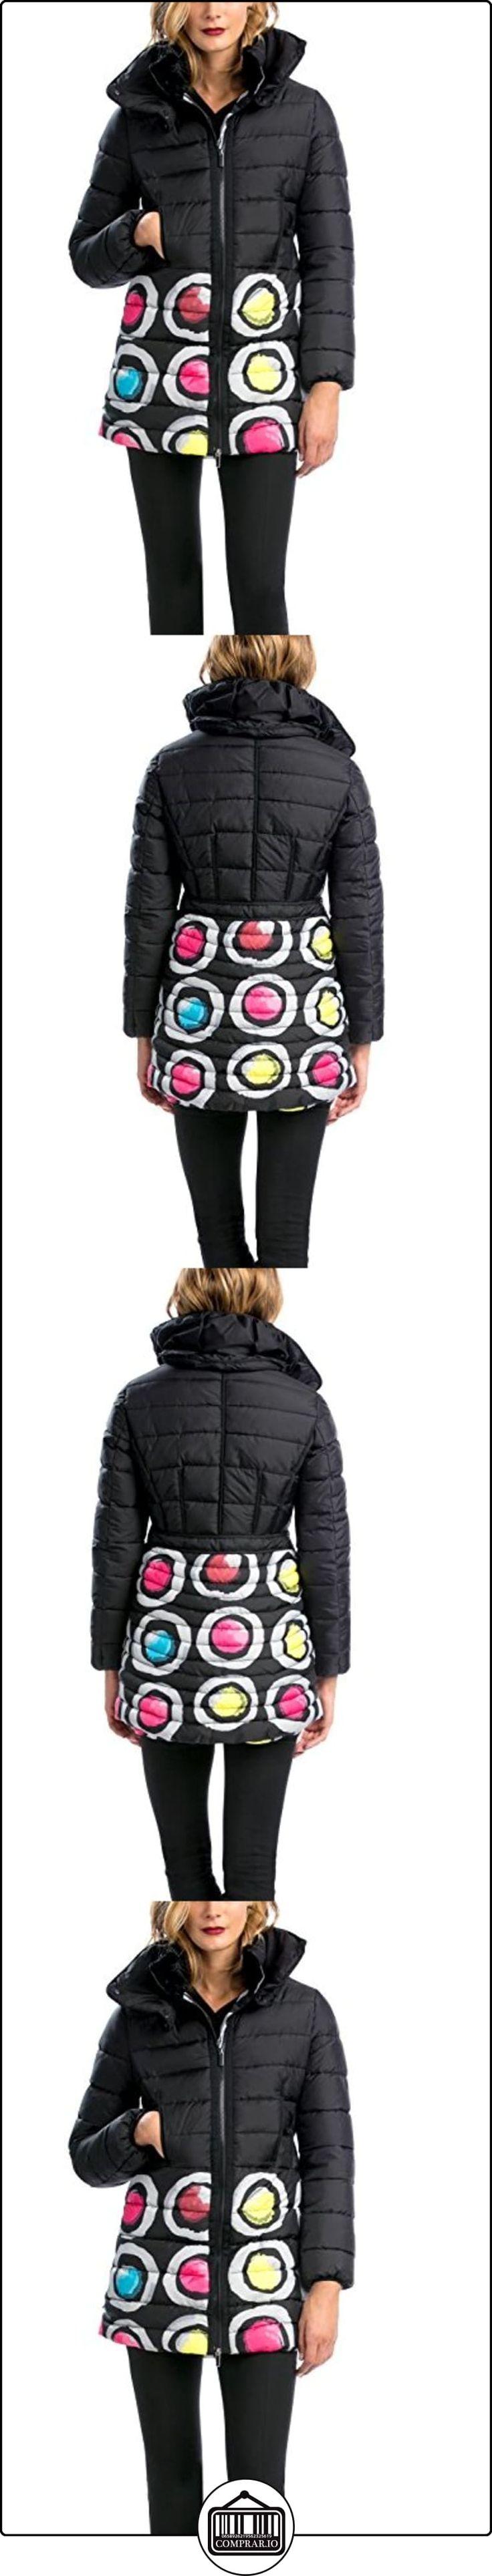 Desigual ABRIG_ARTEMIS - Plumas para mujer, color negro 2000, talla 38  ✿ Abrigos y chaquetas ✿